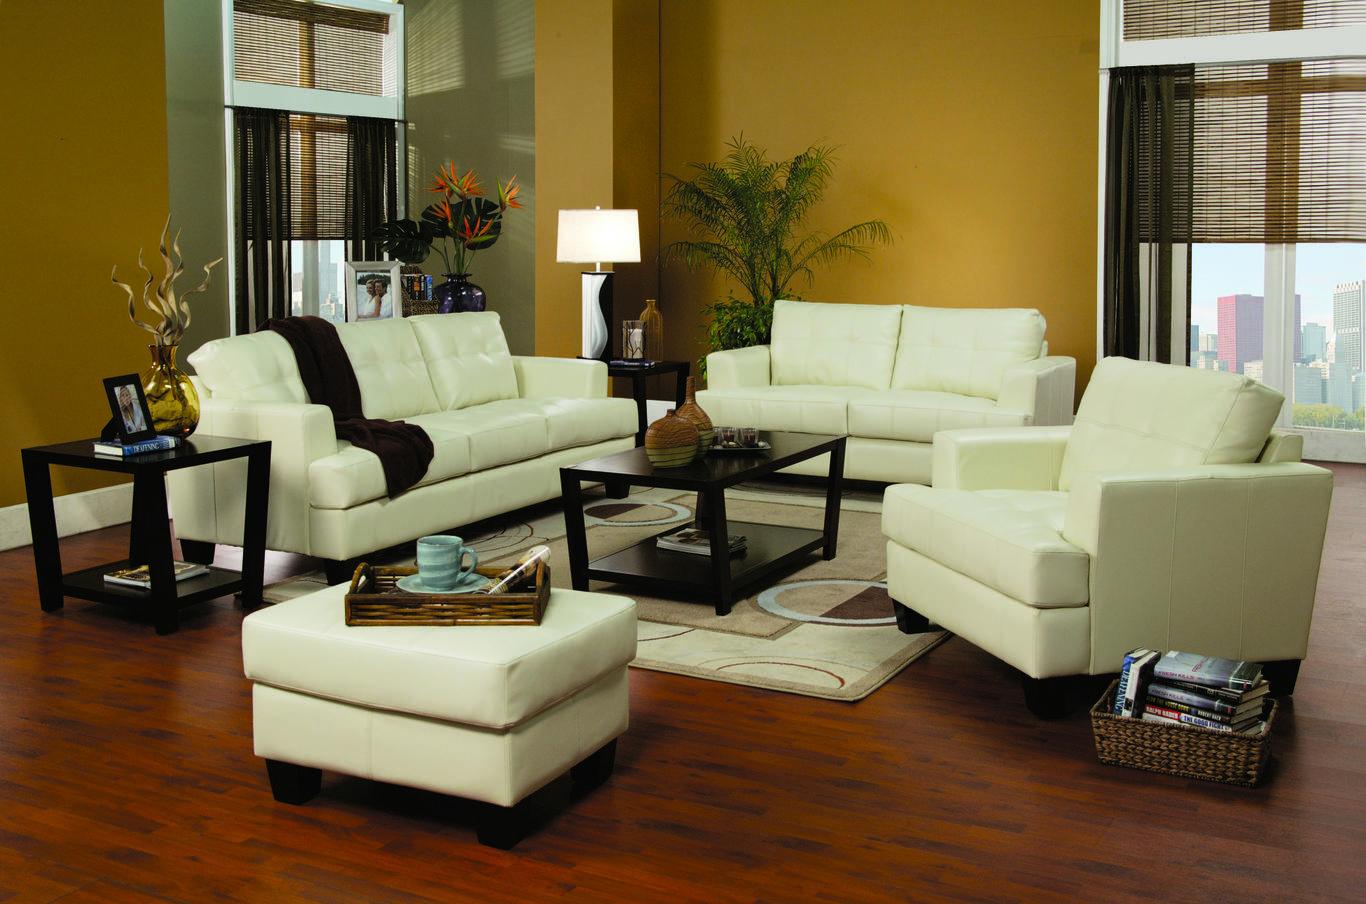 Furniture stores in delray beach fl - Landscape Widget 520x600